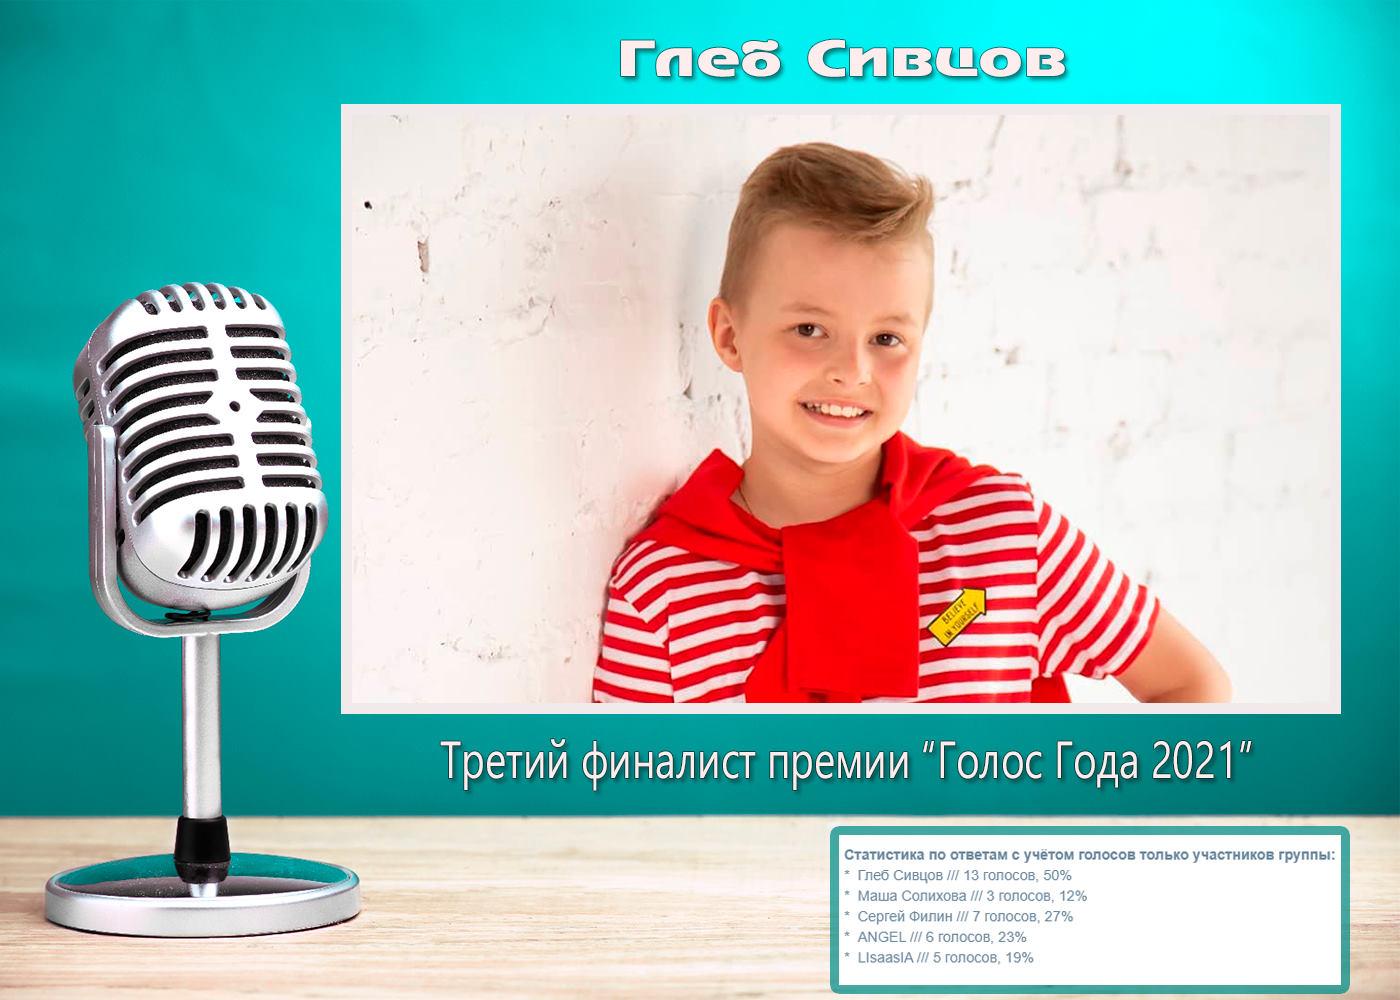 """Глеб Сивцов - 3-й финалист премии """"Голос года 2021"""""""